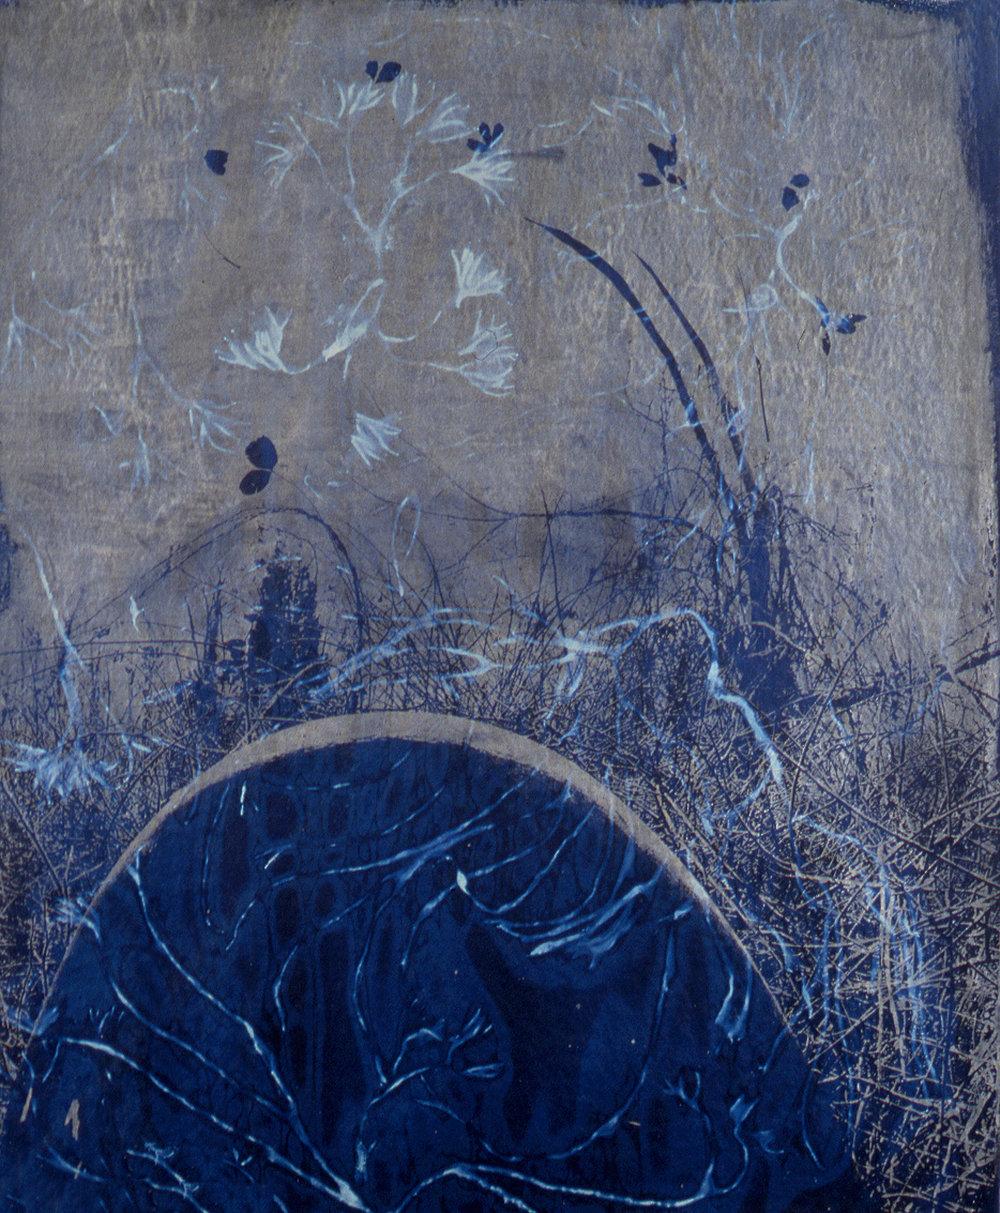 Landscape Blues series (view 1)